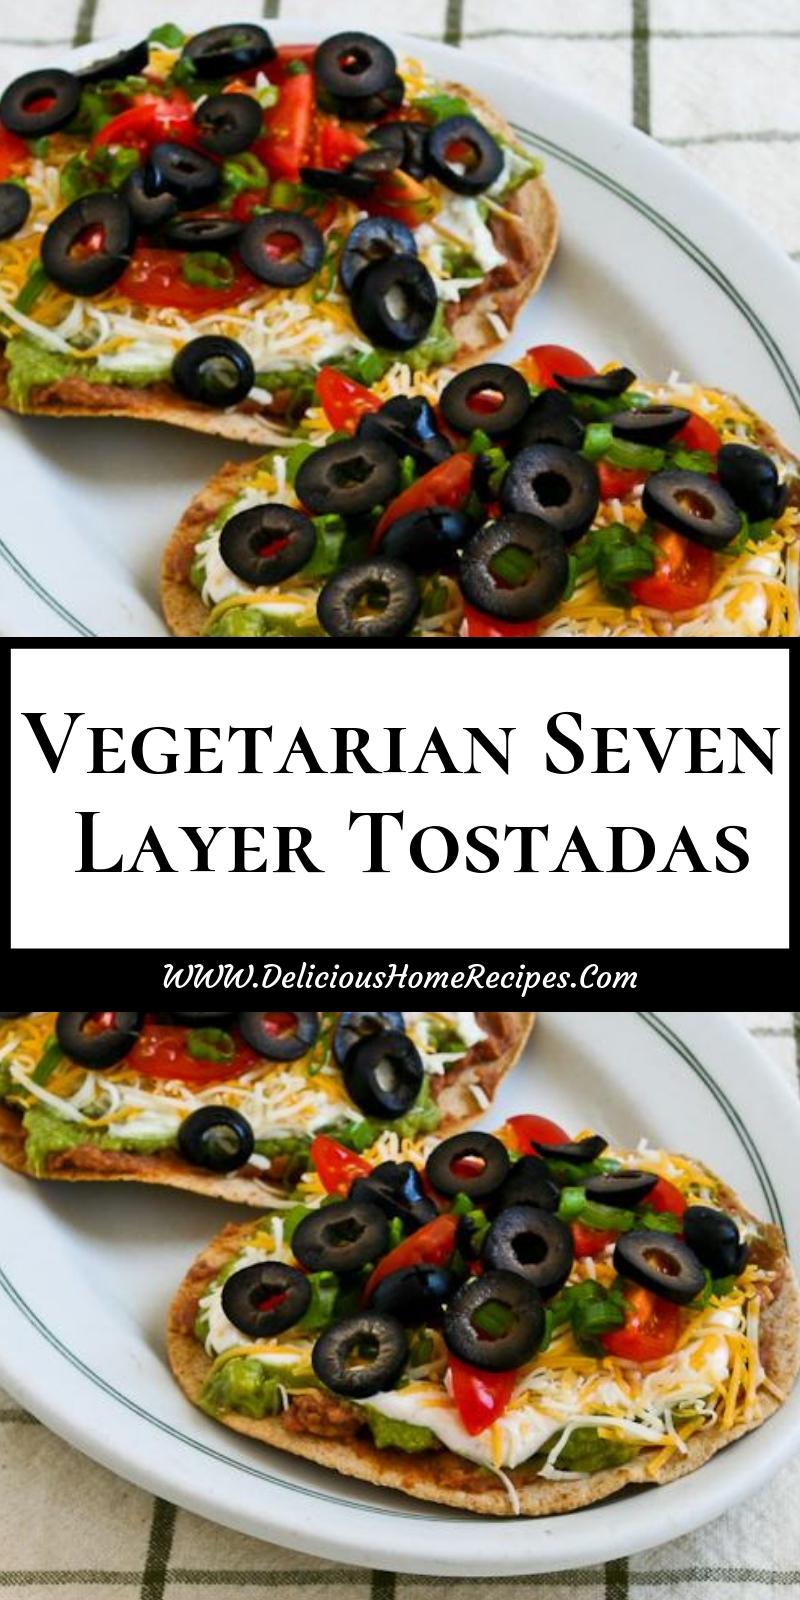 Vegetarian Seven Layer Tostadas